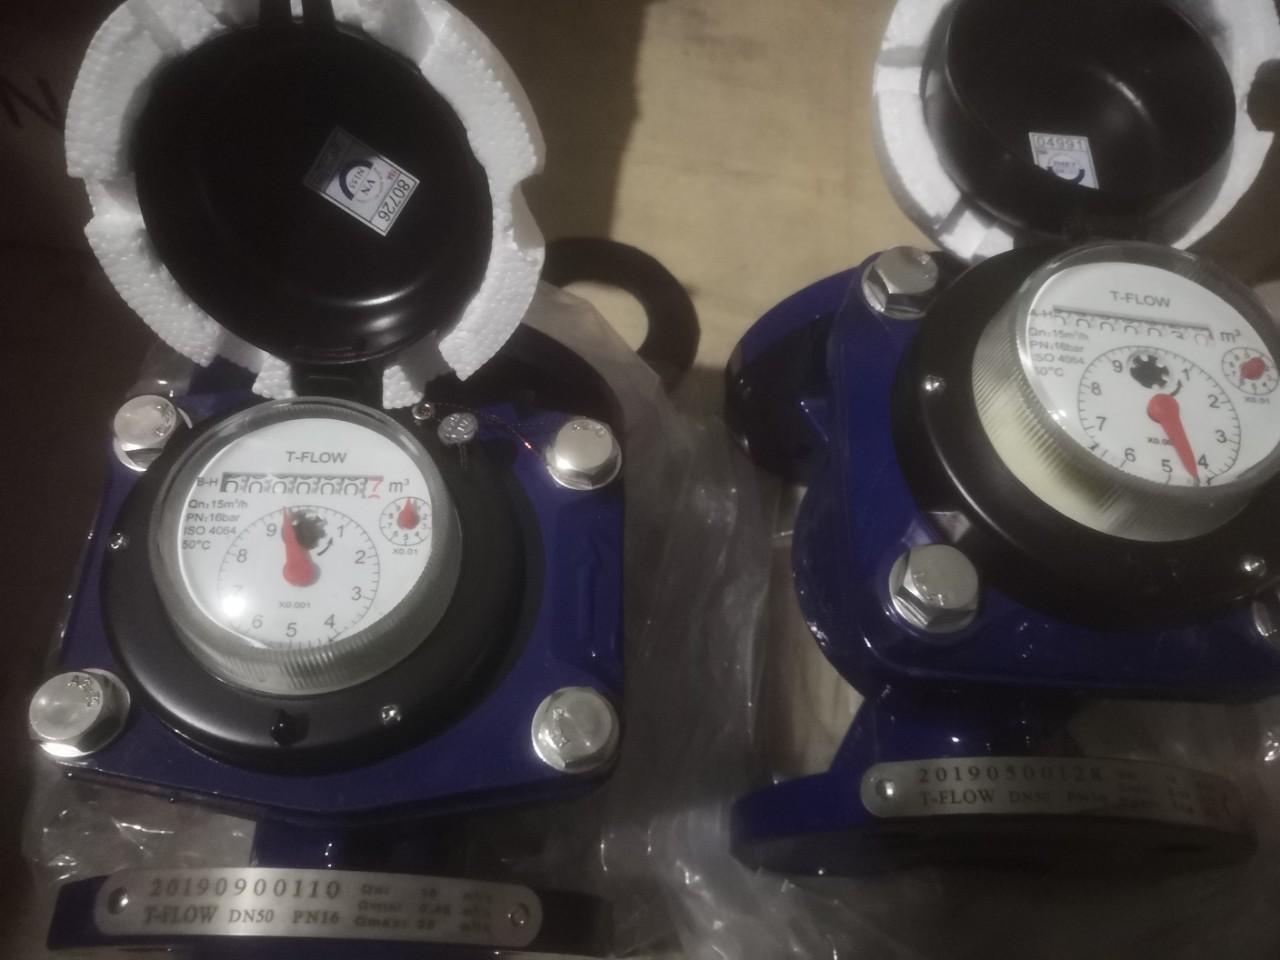 Đồng hồ nước thải T-FLow DN50